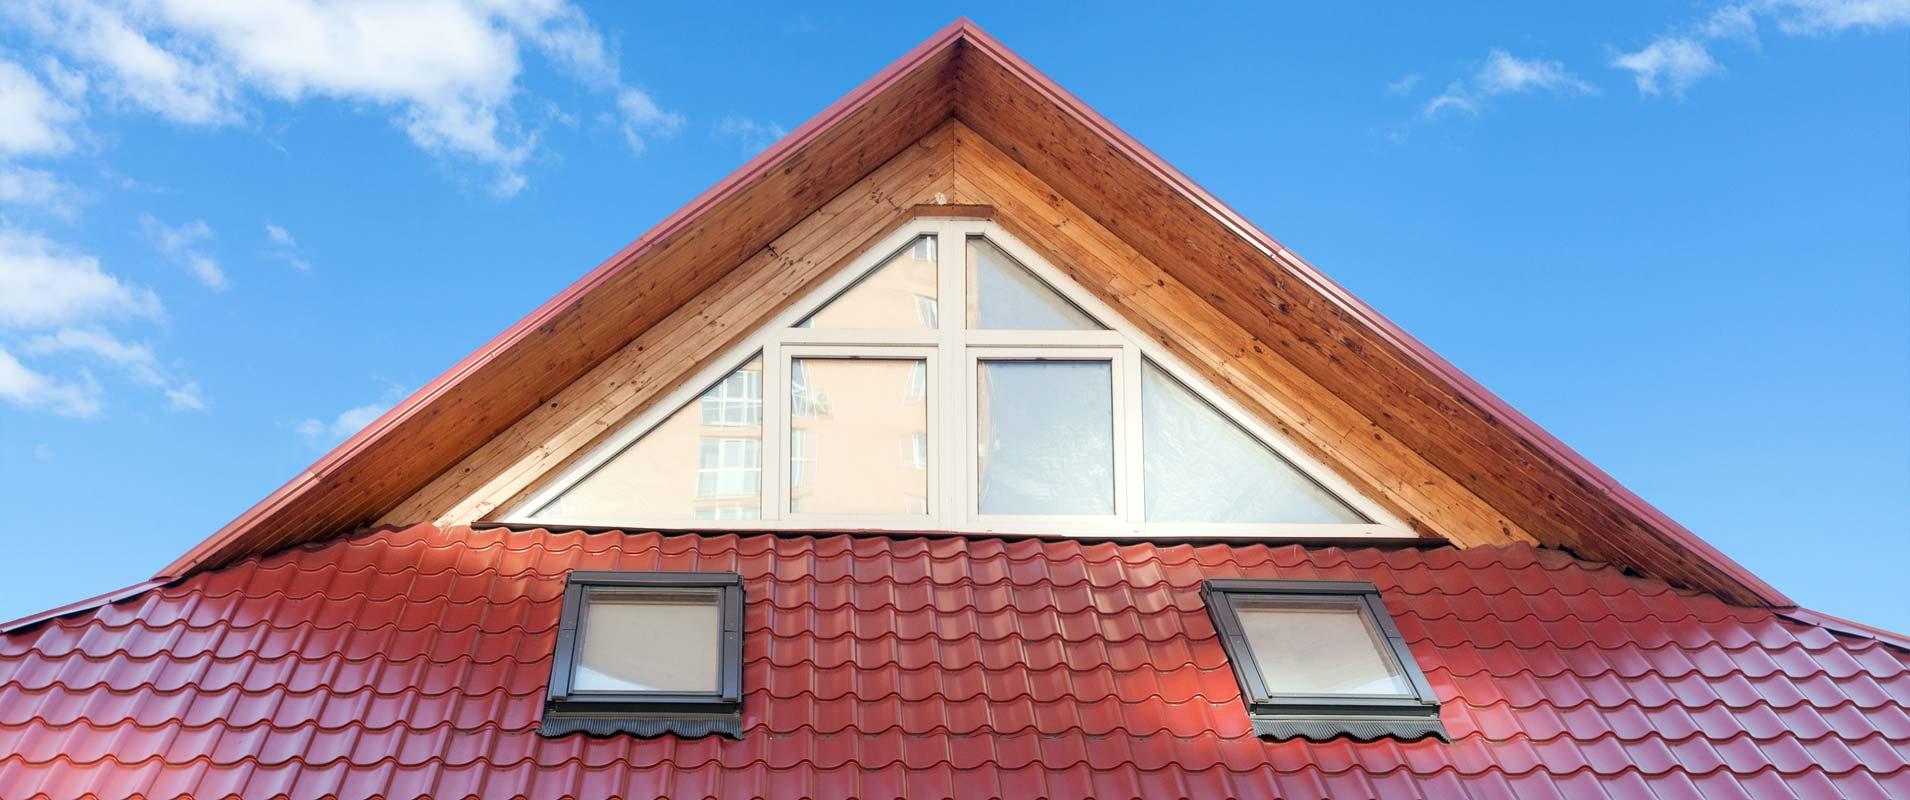 Dach-mit-Fenster